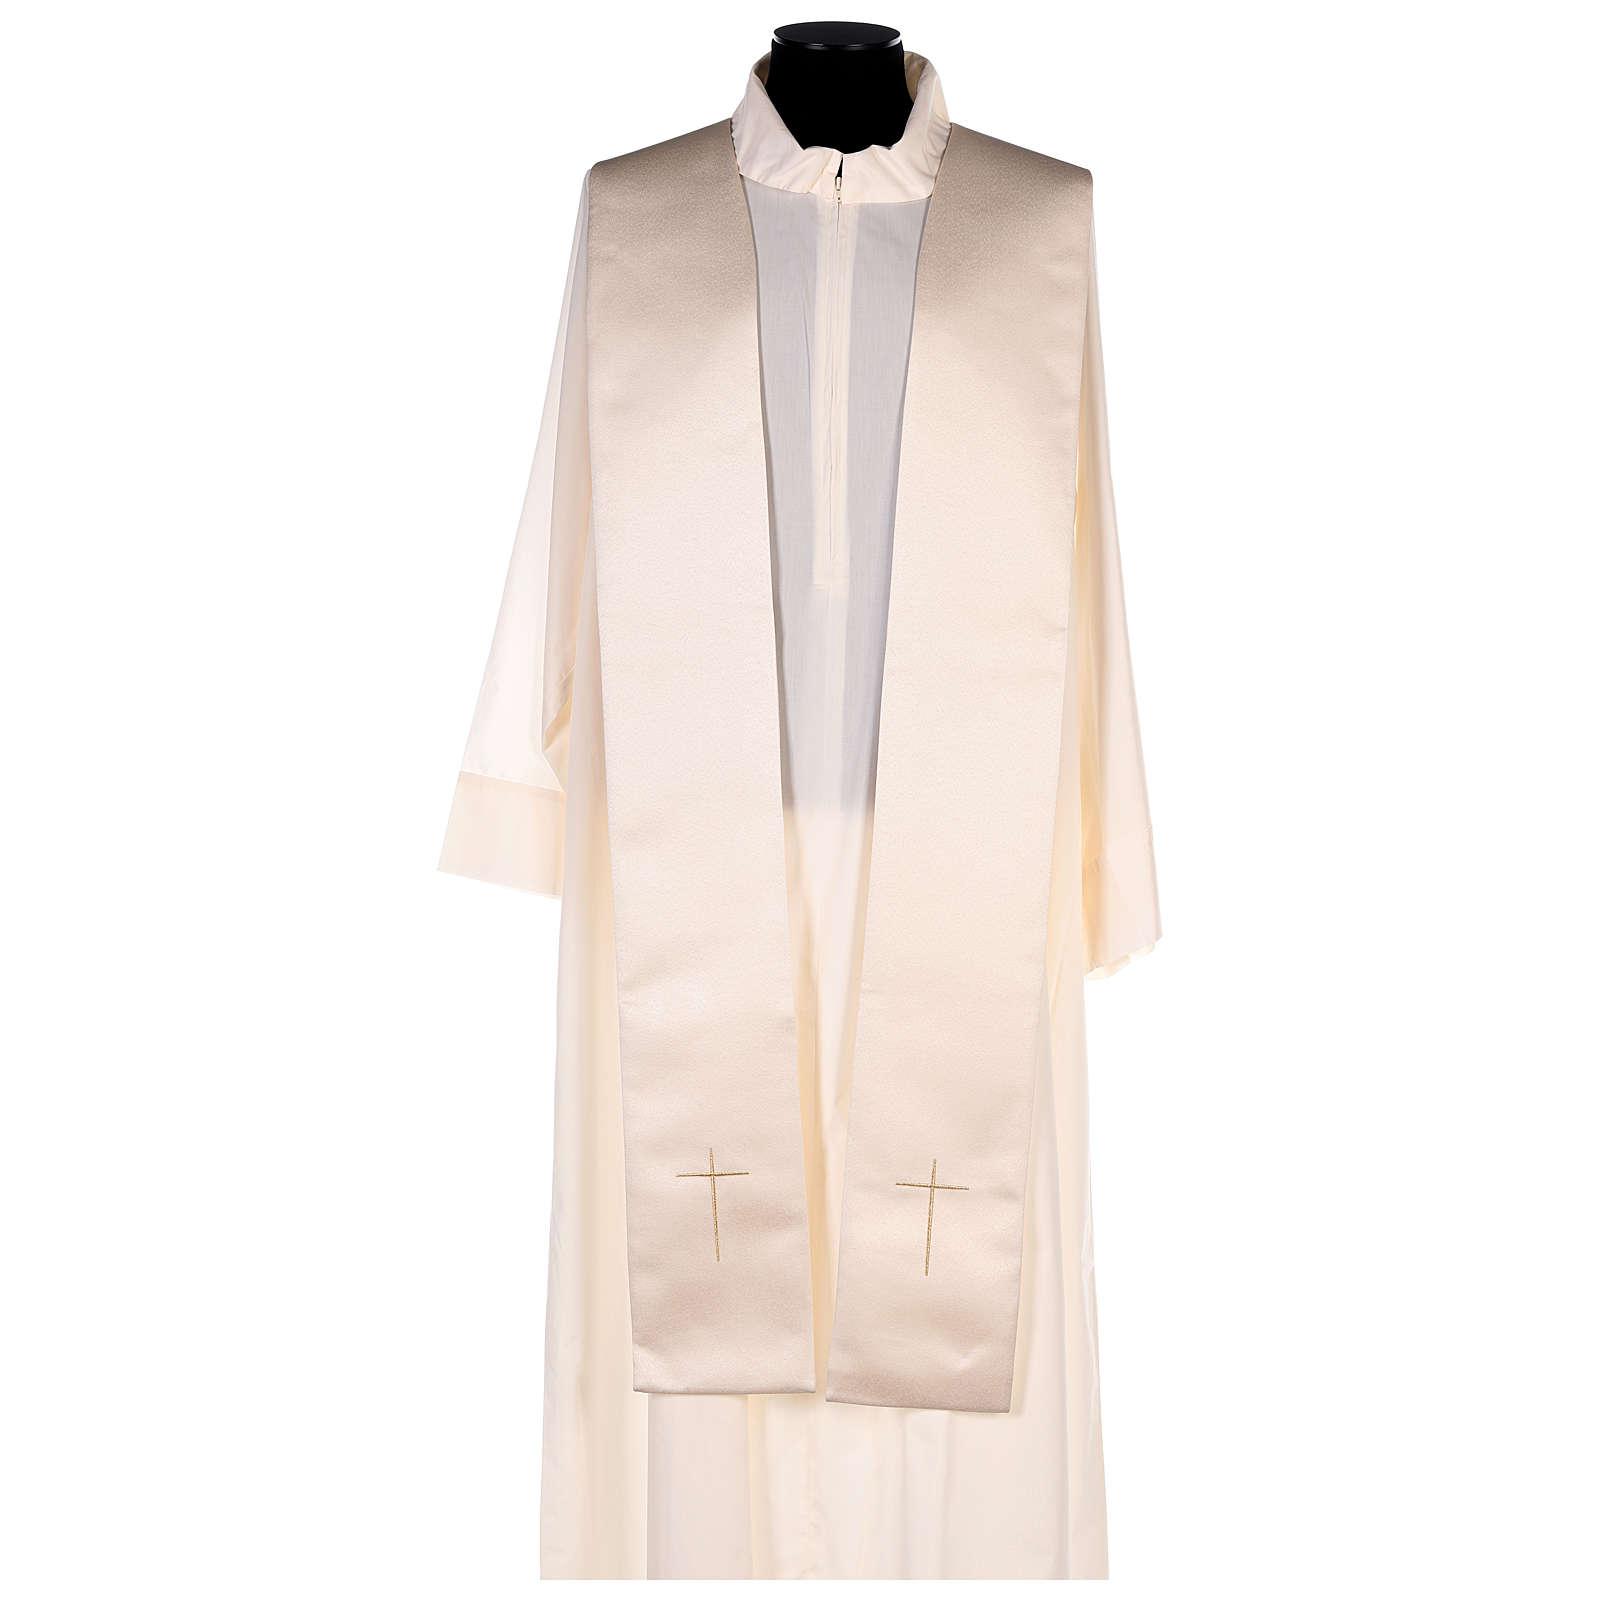 Chape 80% polyester blanc crème broderie dorée 4